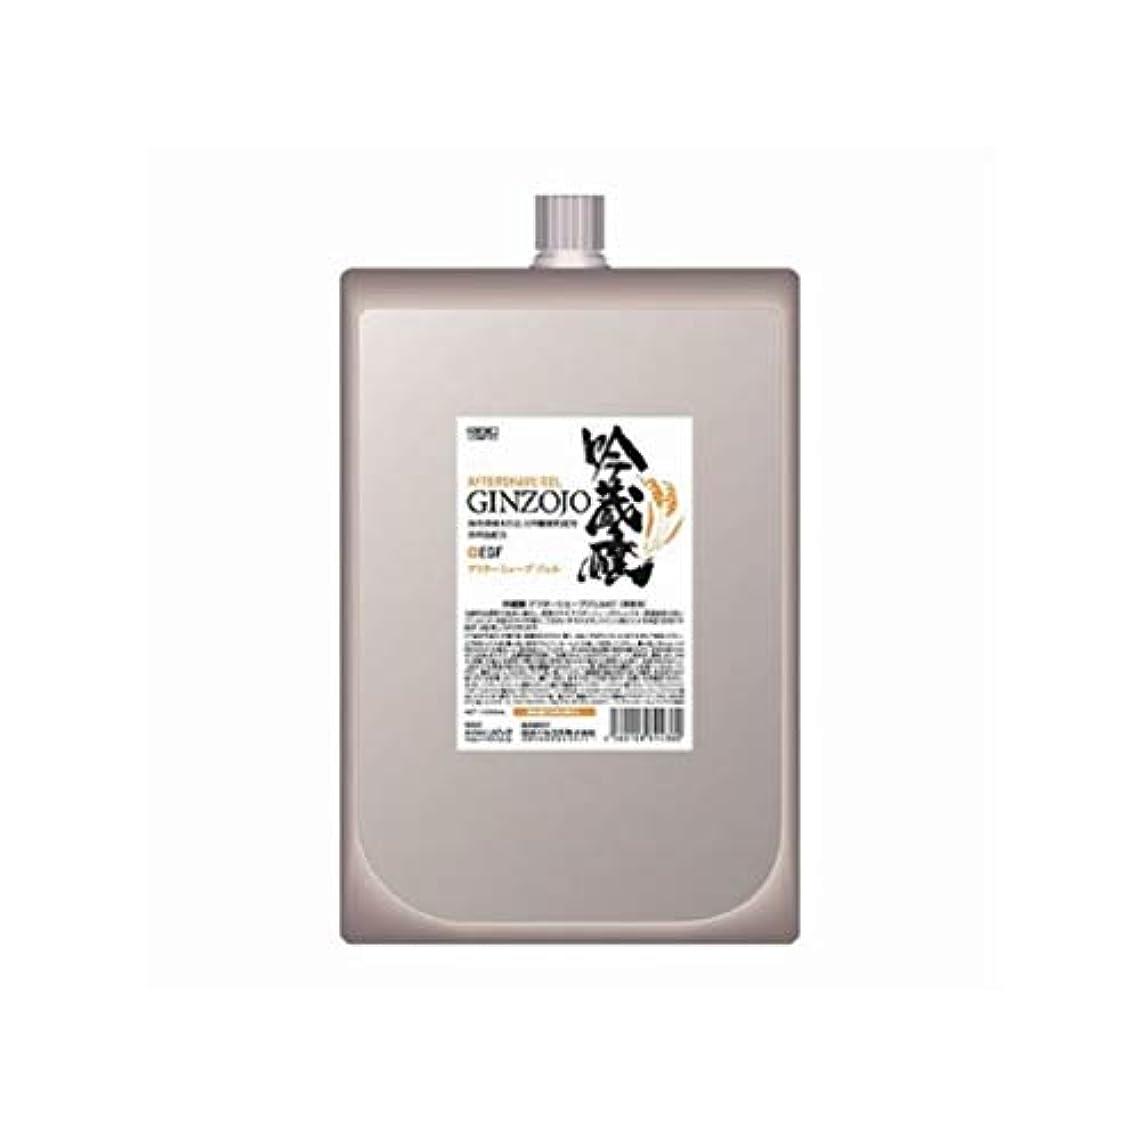 モスクシルク免疫する日本ケミコス株式会社 吟蔵醸 アフターシェーブジェルKF 1000ml